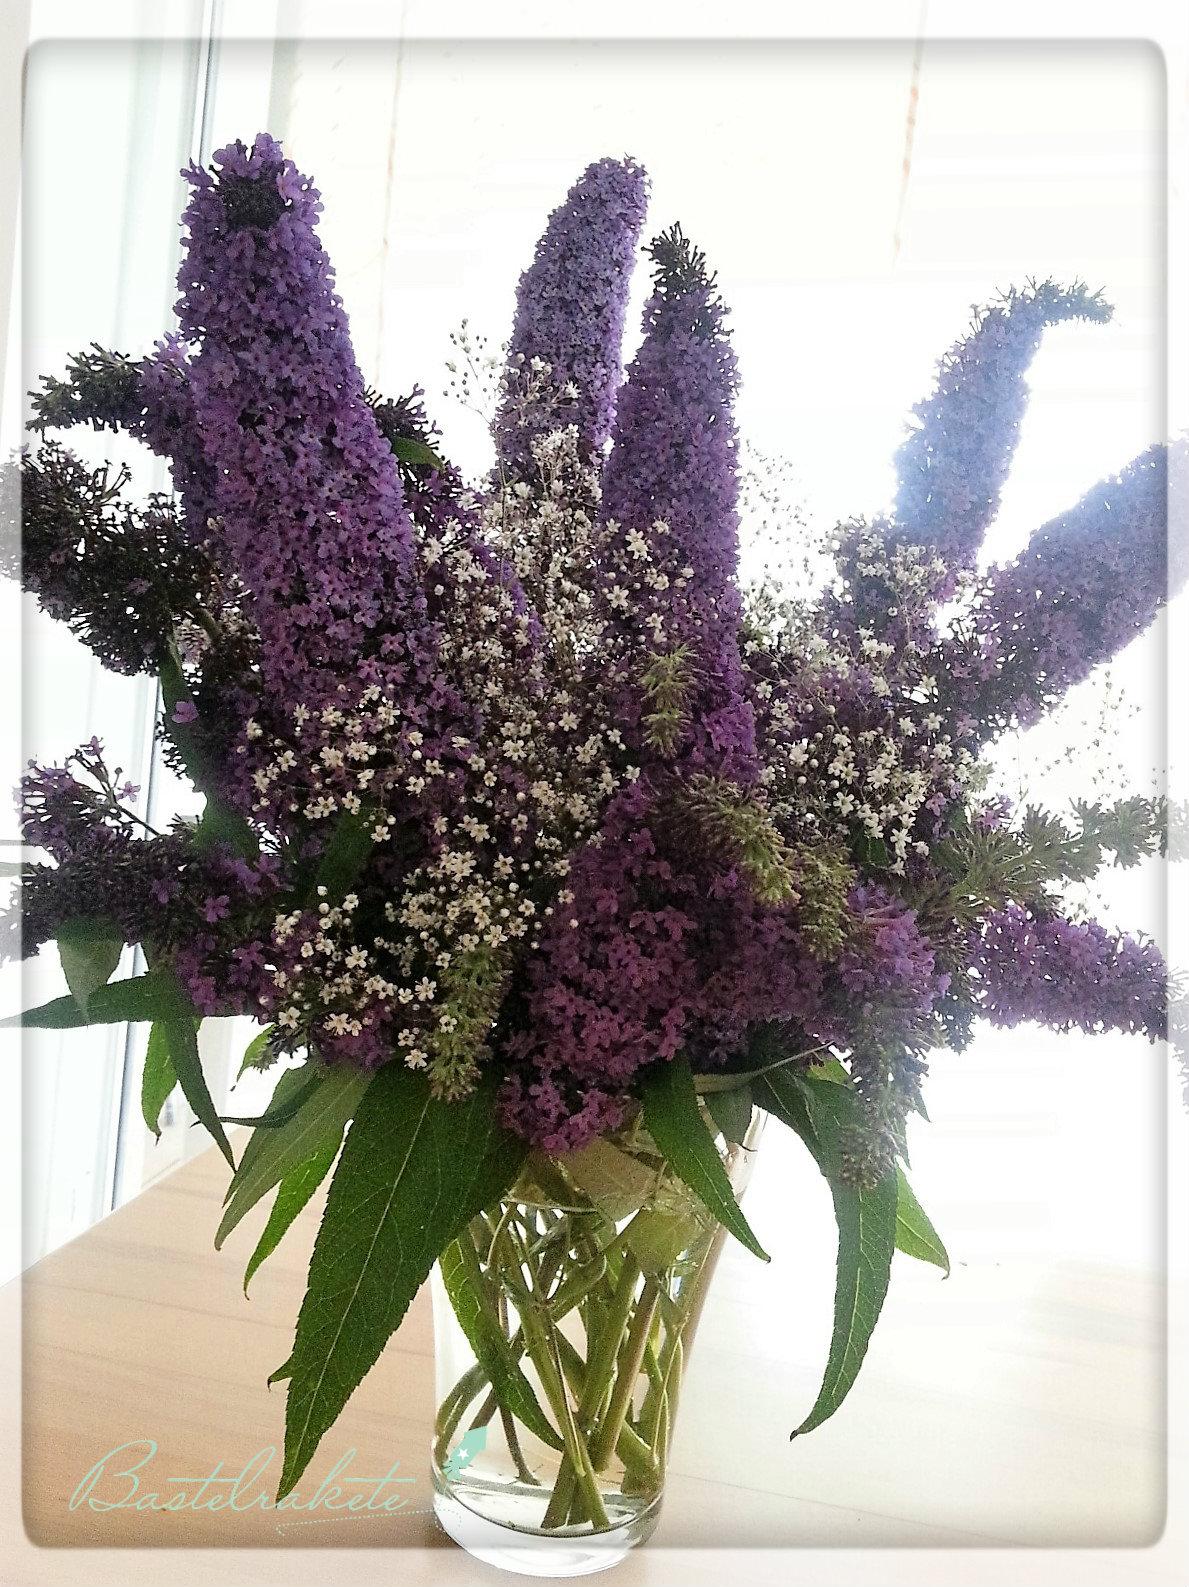 Bastelrakete Blumenstrauß